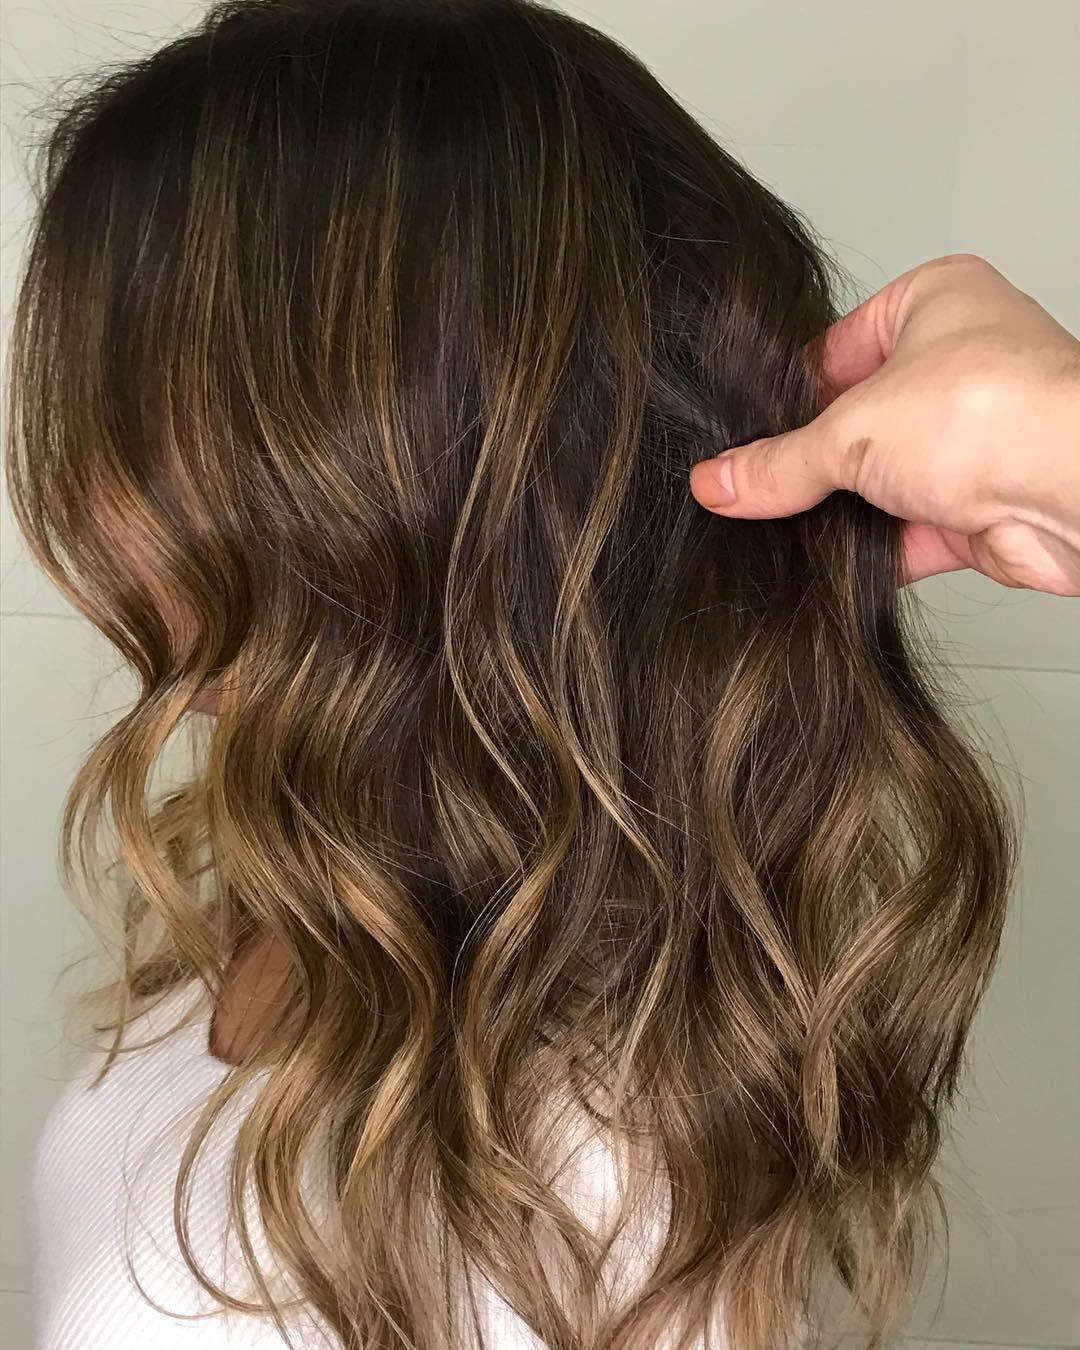 350 Curtidas 7 Comentarios Douglas Dias Dougllas No Instagram Haircolor Morena Hairstyle Style Cabelo Morenailuminada Castanhoiluminado Hair Styles Hair Hair Trends